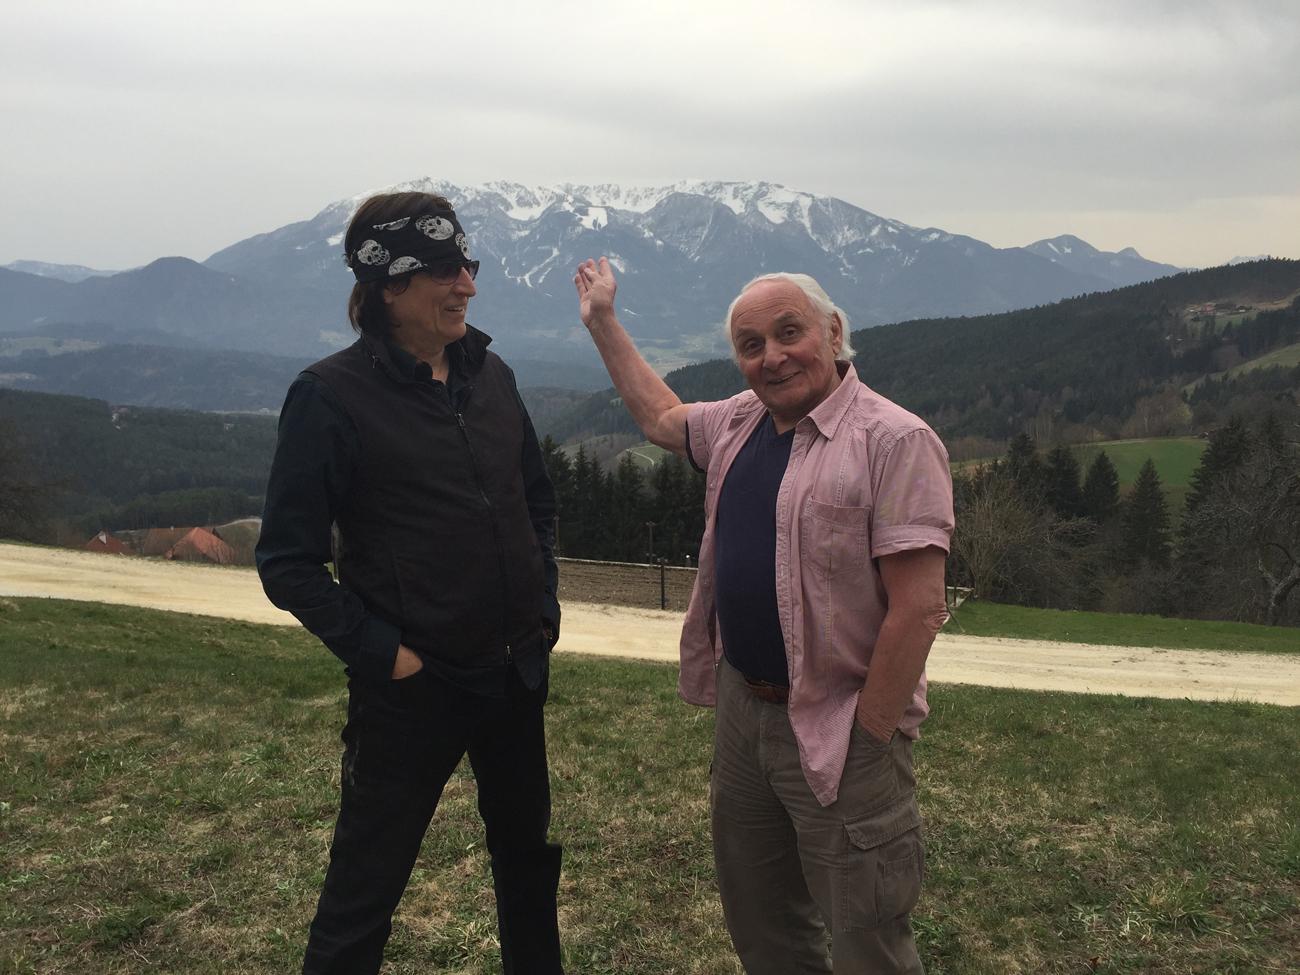 Helnwein and Johann Kresnik in the mountains of Carinthia, Austria